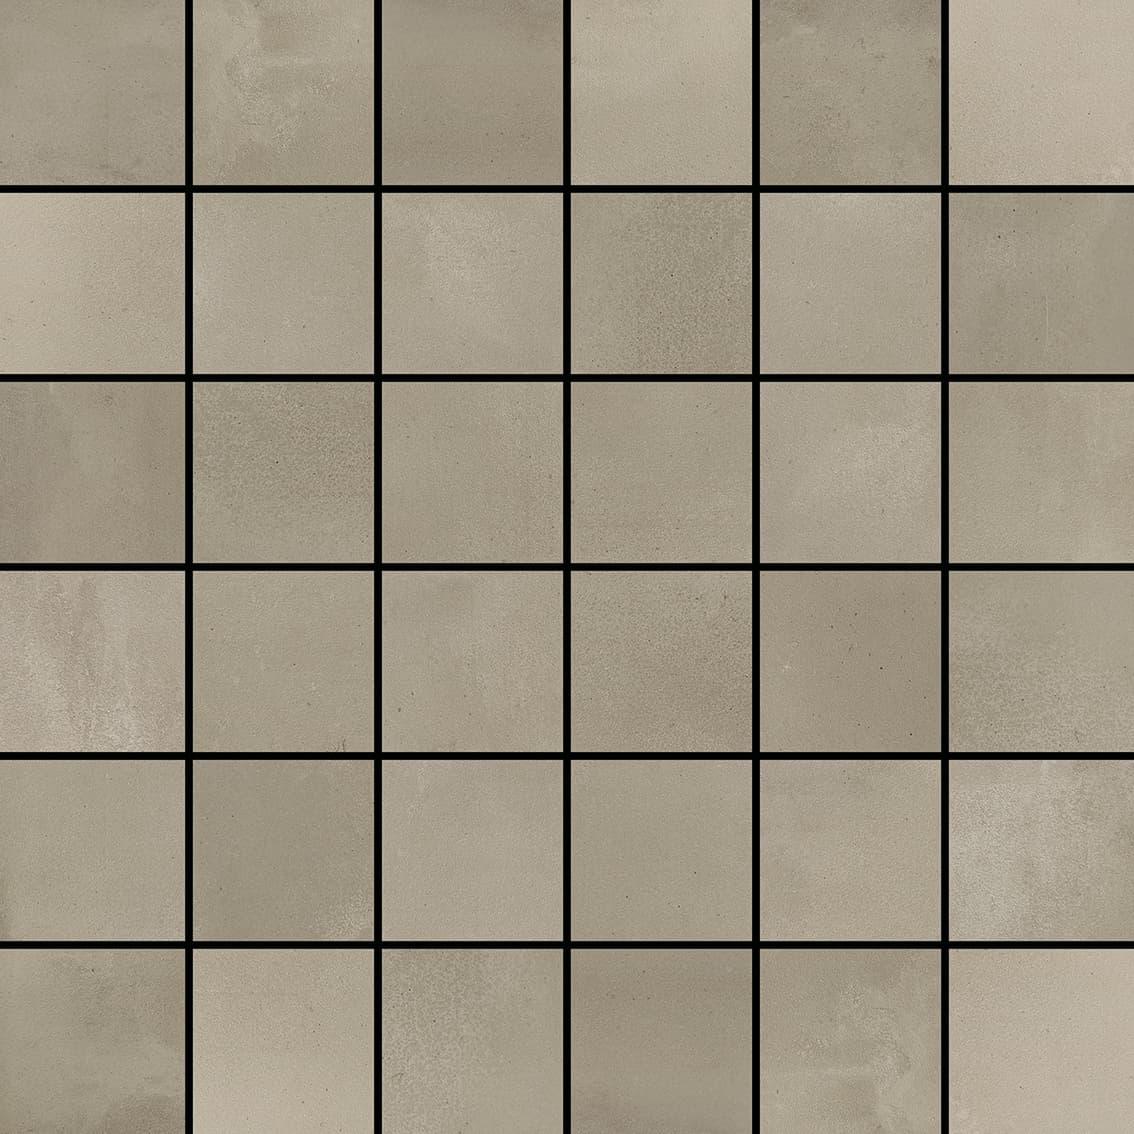 Mosaic Tool 5x5